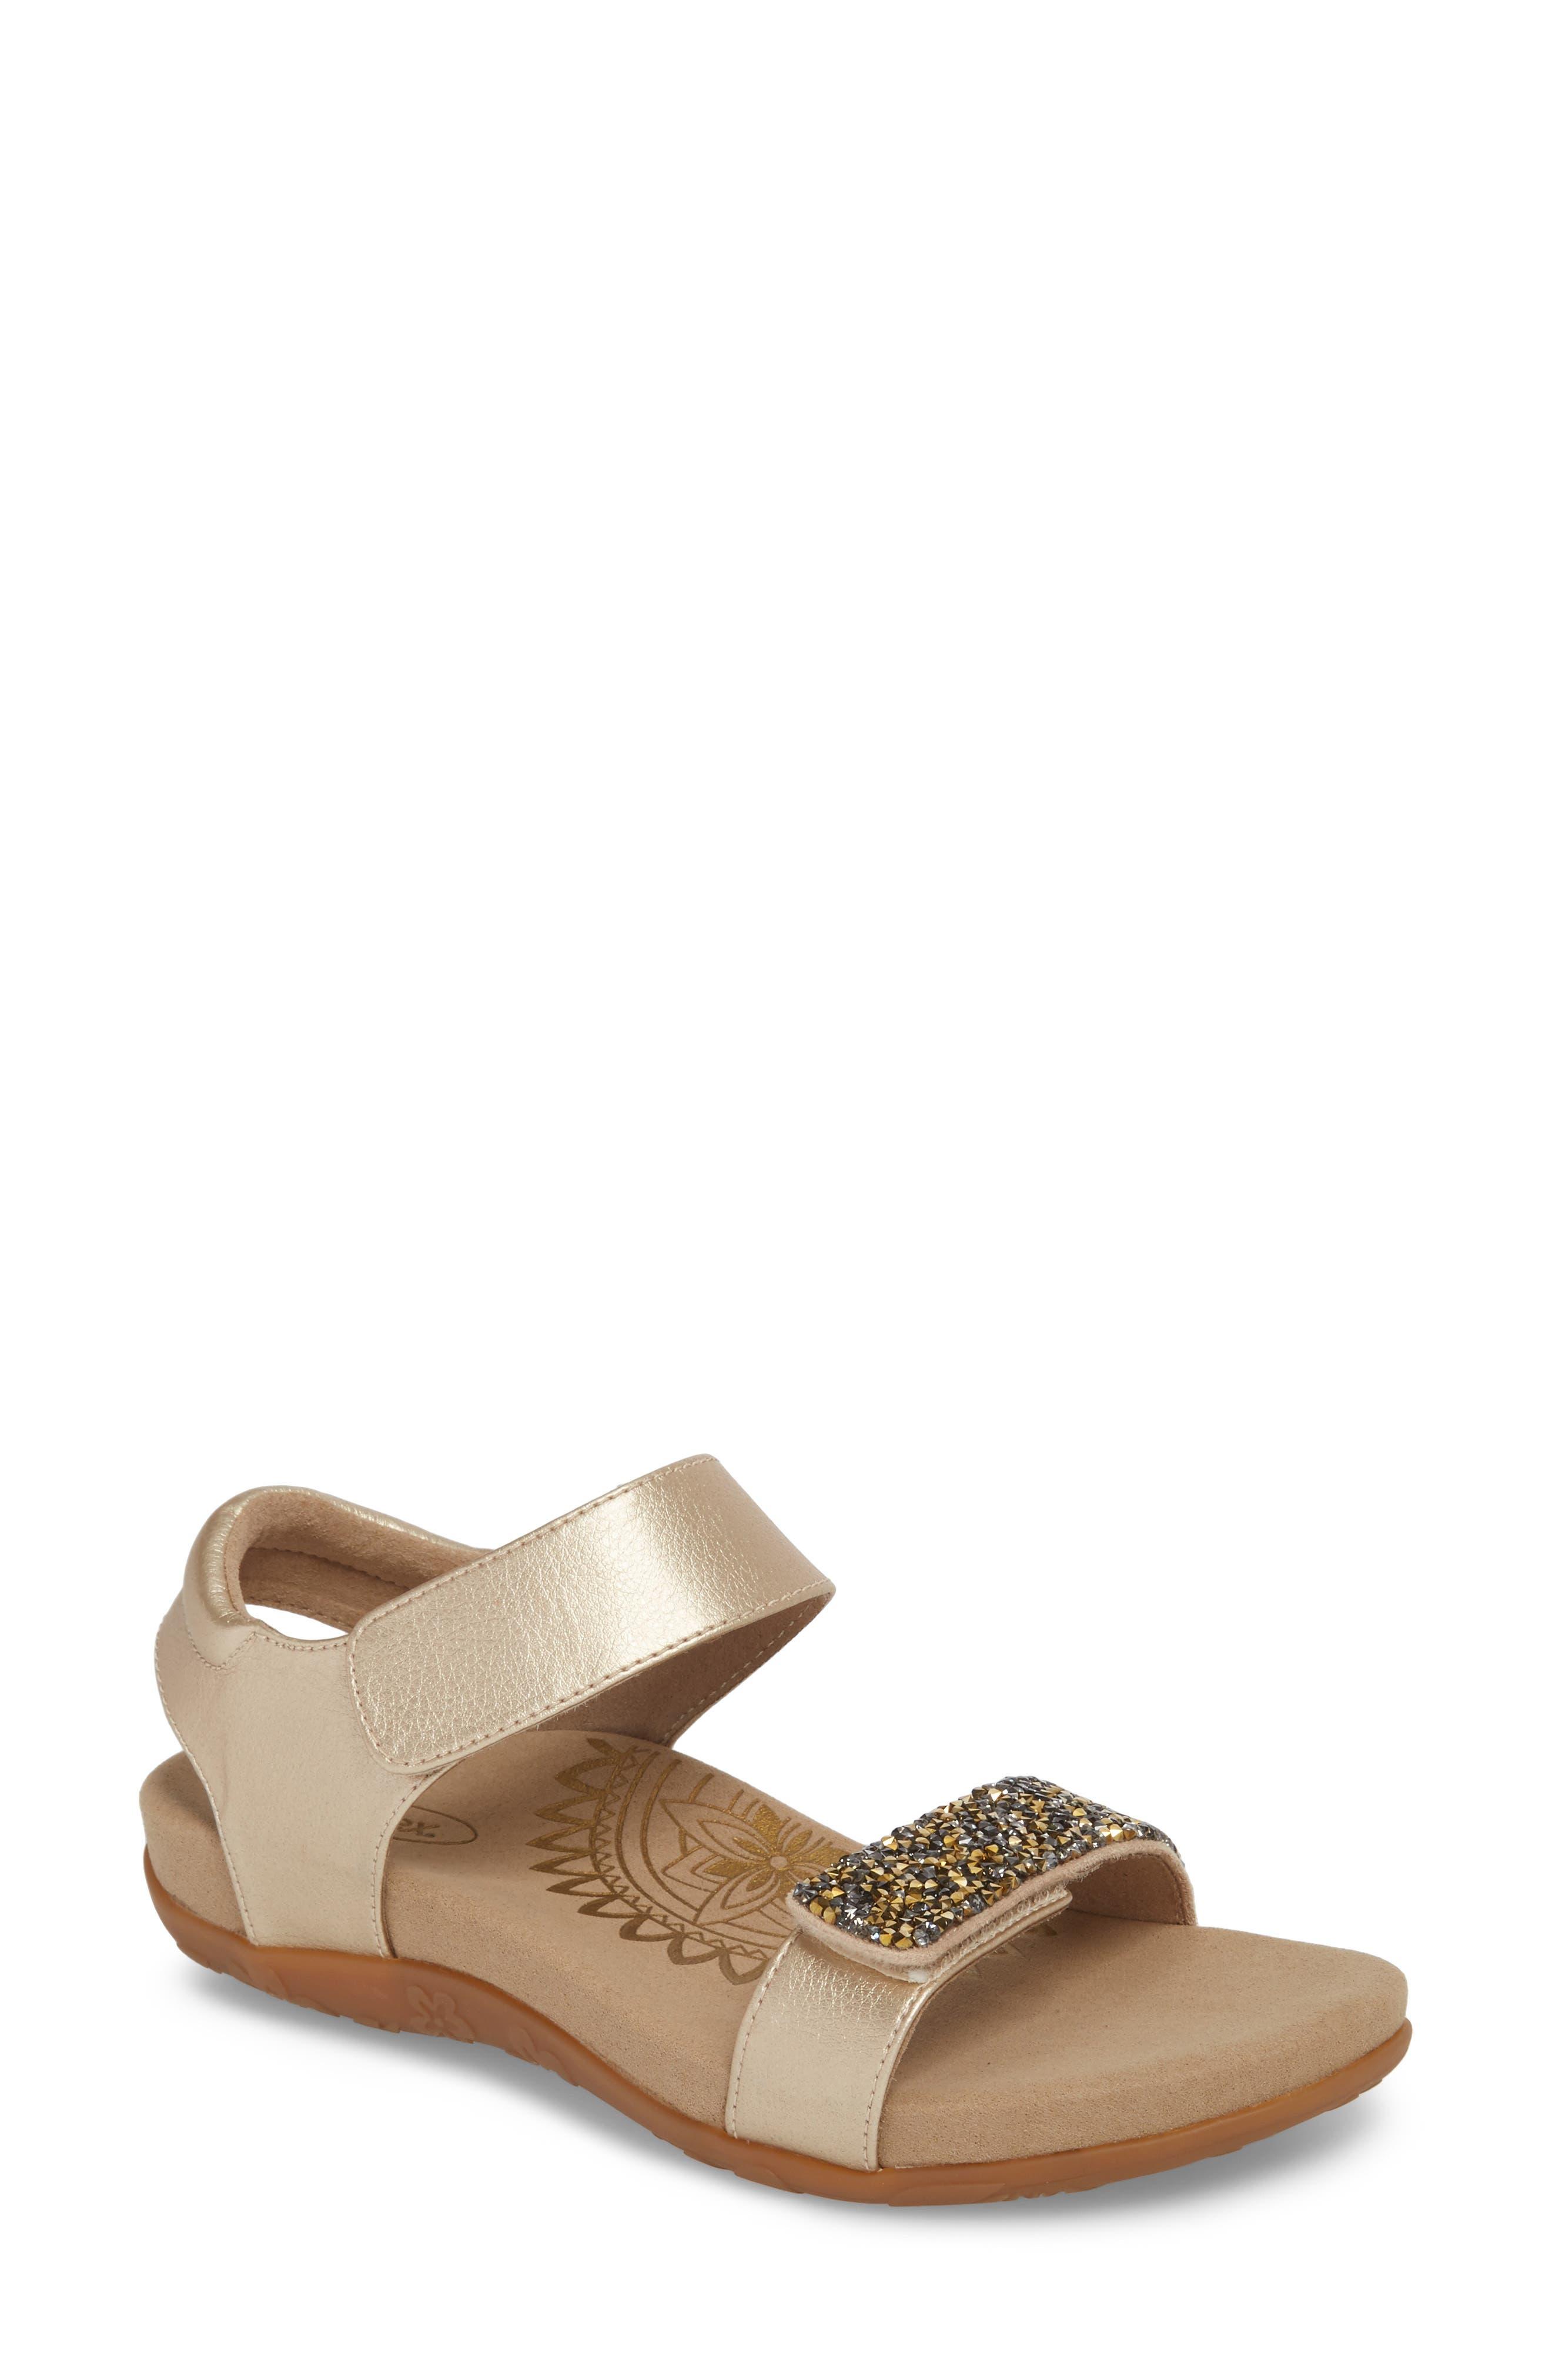 Maria Embellished Sandal,                         Main,                         color, Gold Leather